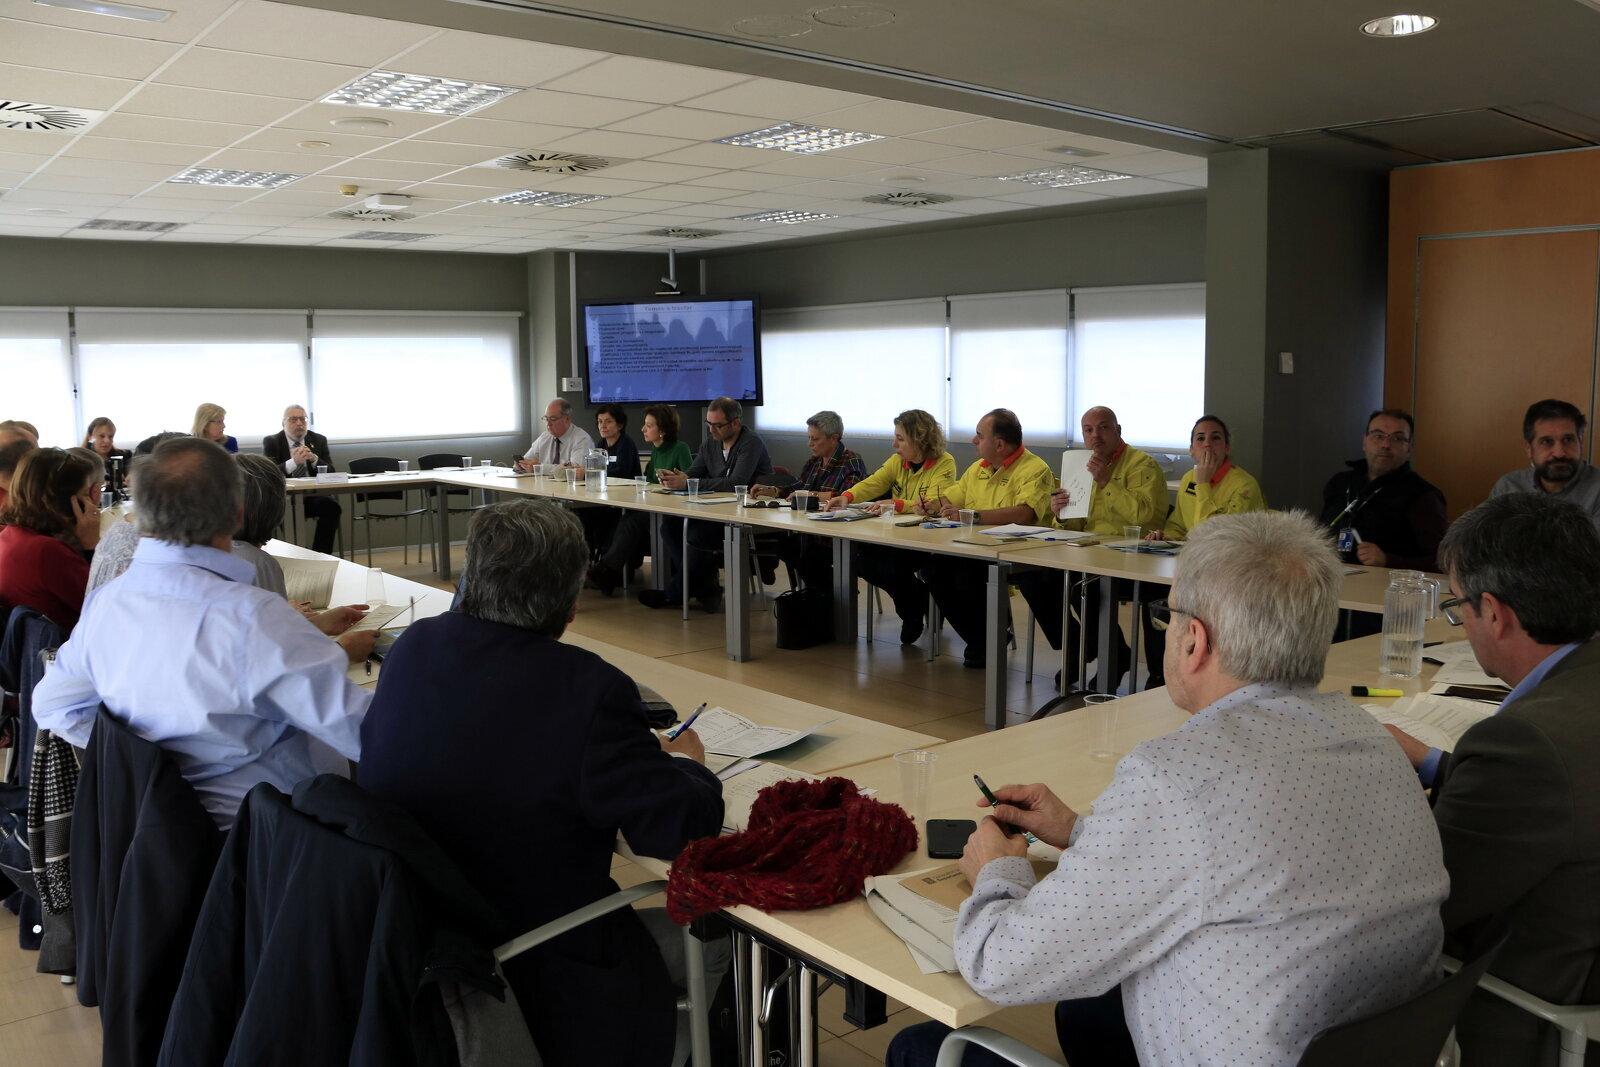 Reunió del Comitè d'Anàlisi i Seguiment de Malalties Transmissibles Emergents d'Alt Risc a l'Agència de Salut Pública de Catalunya